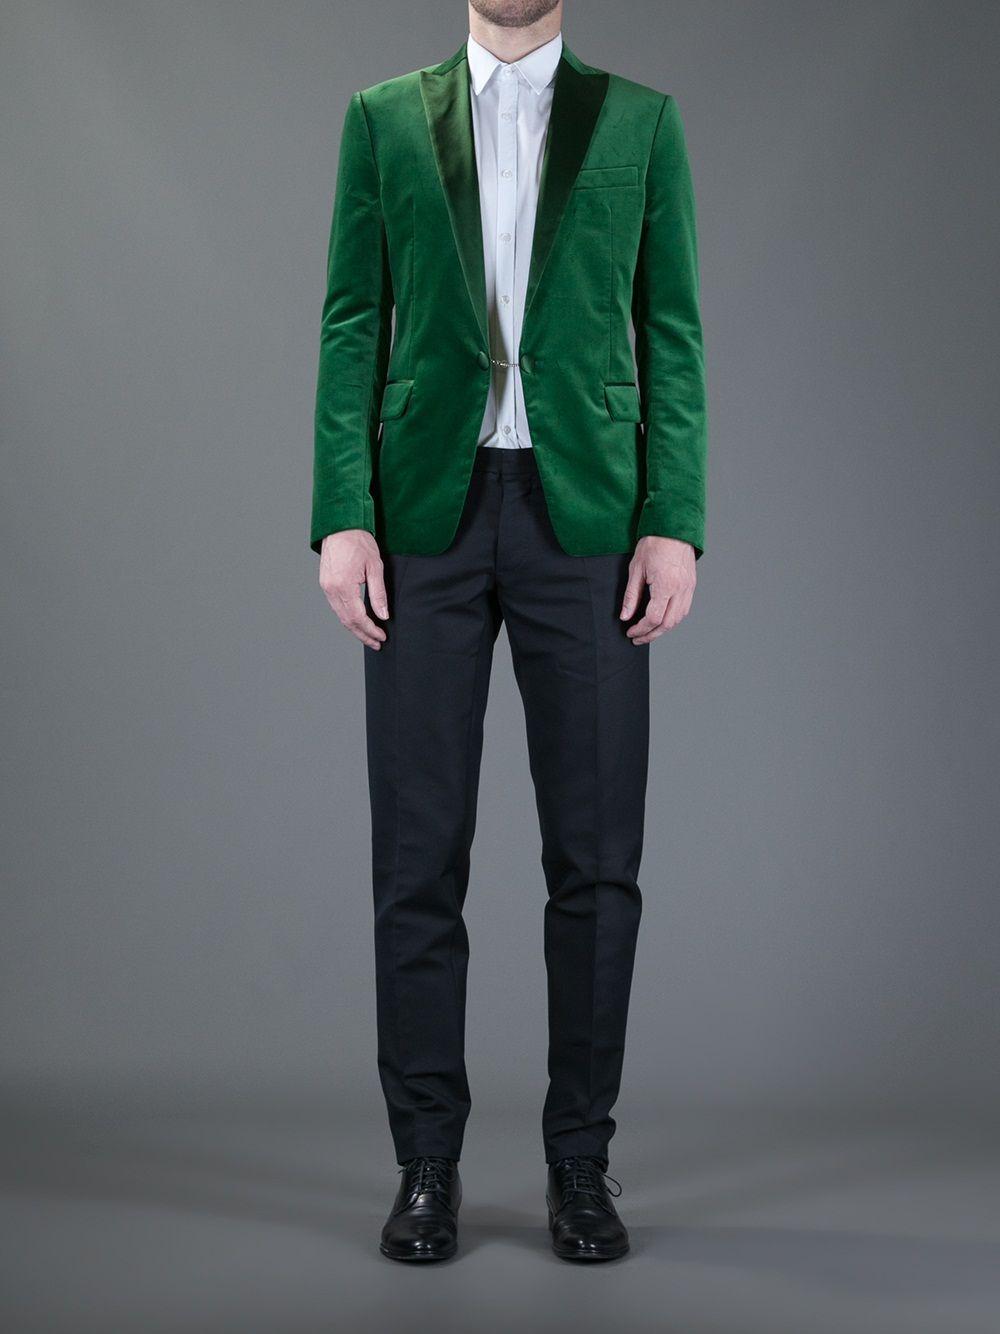 http://classsuits.com/wp-content/uploads/2013/01/Dsquared2-Contrast-Two-Piece-Suit.jpg